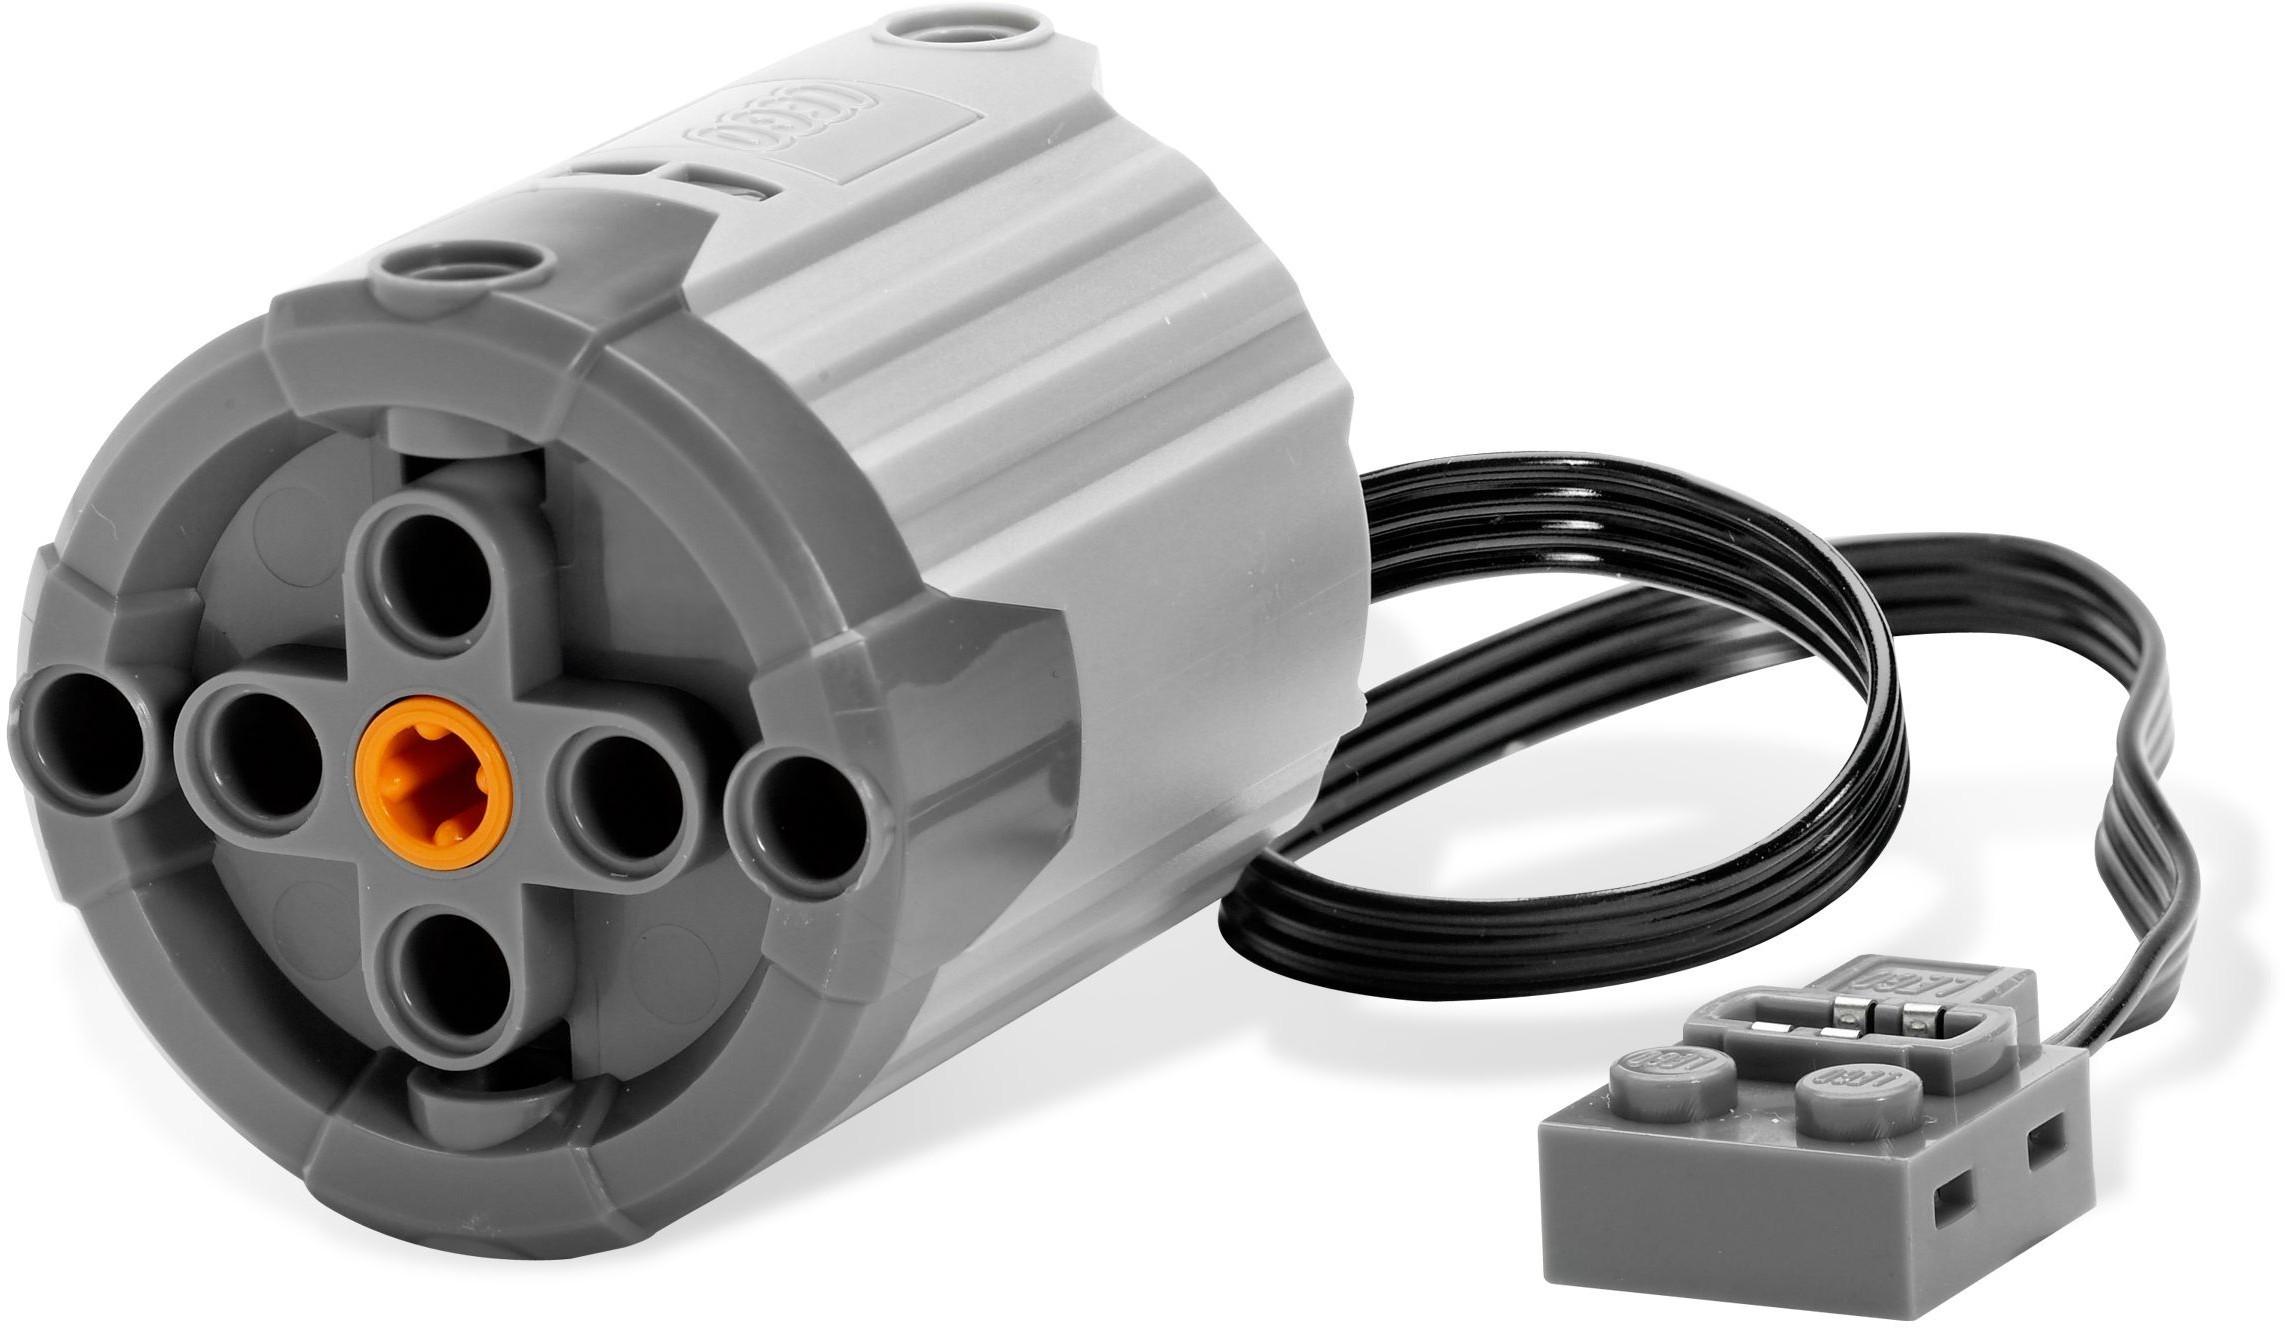 WANGE 1501 Power pack: extra large motor 0